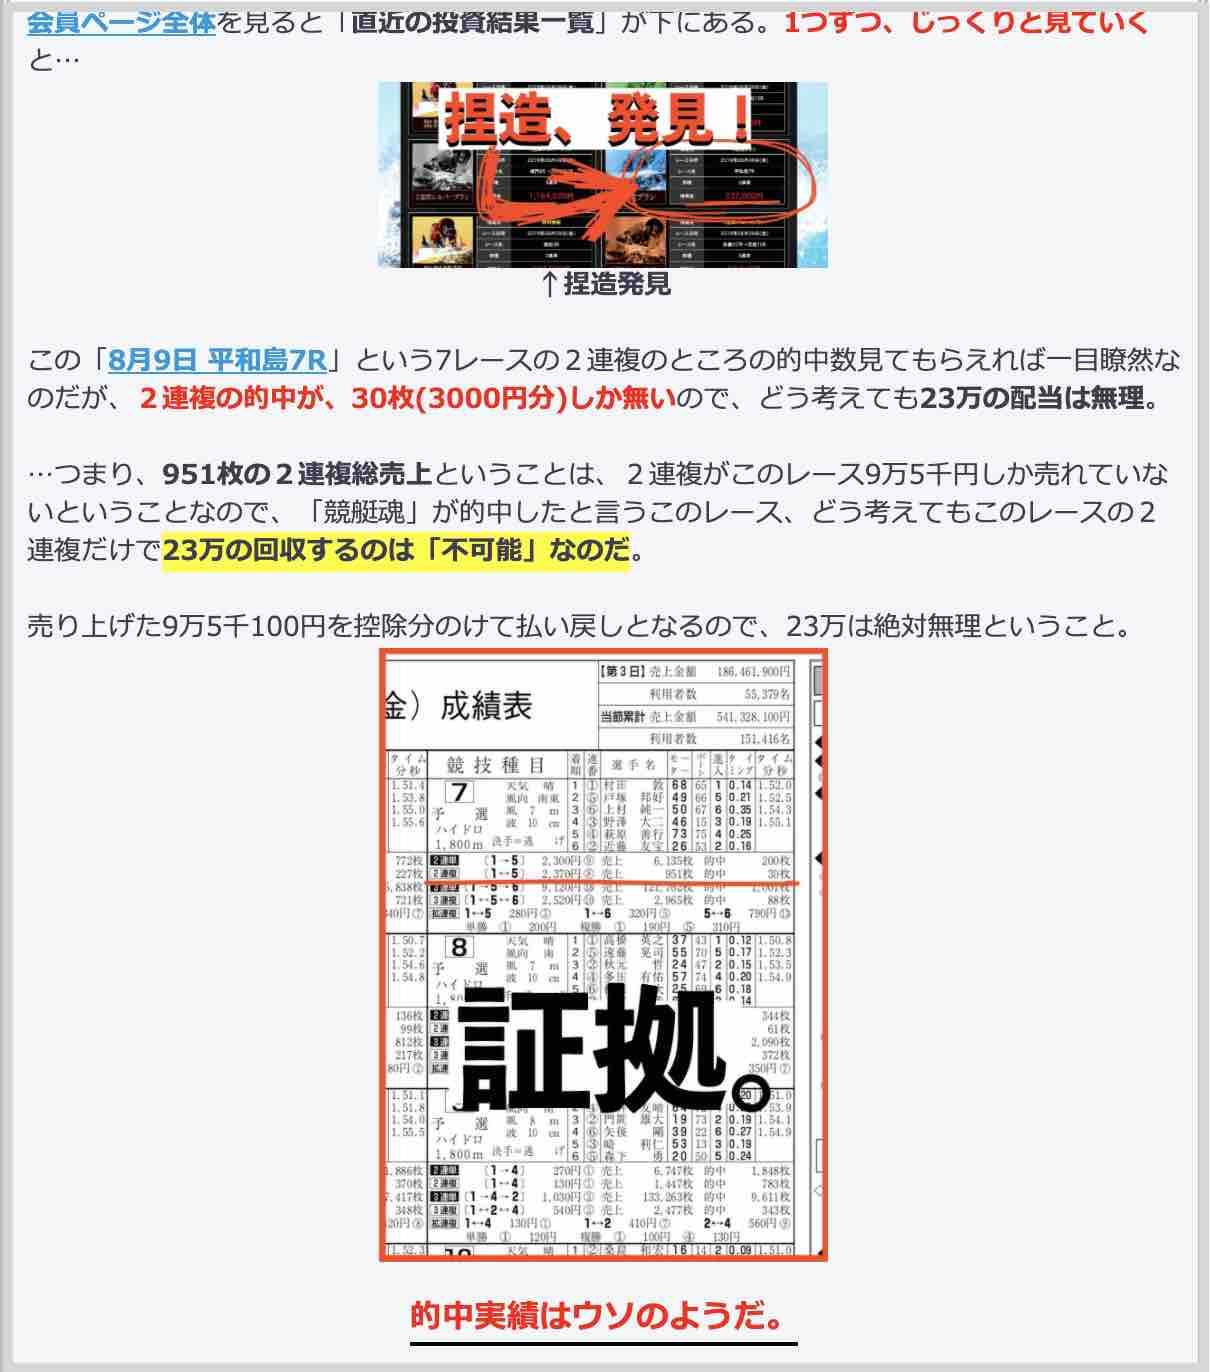 競艇・ボートレース予想サイト「競艇魂」の「捏造」が発覚.jpg